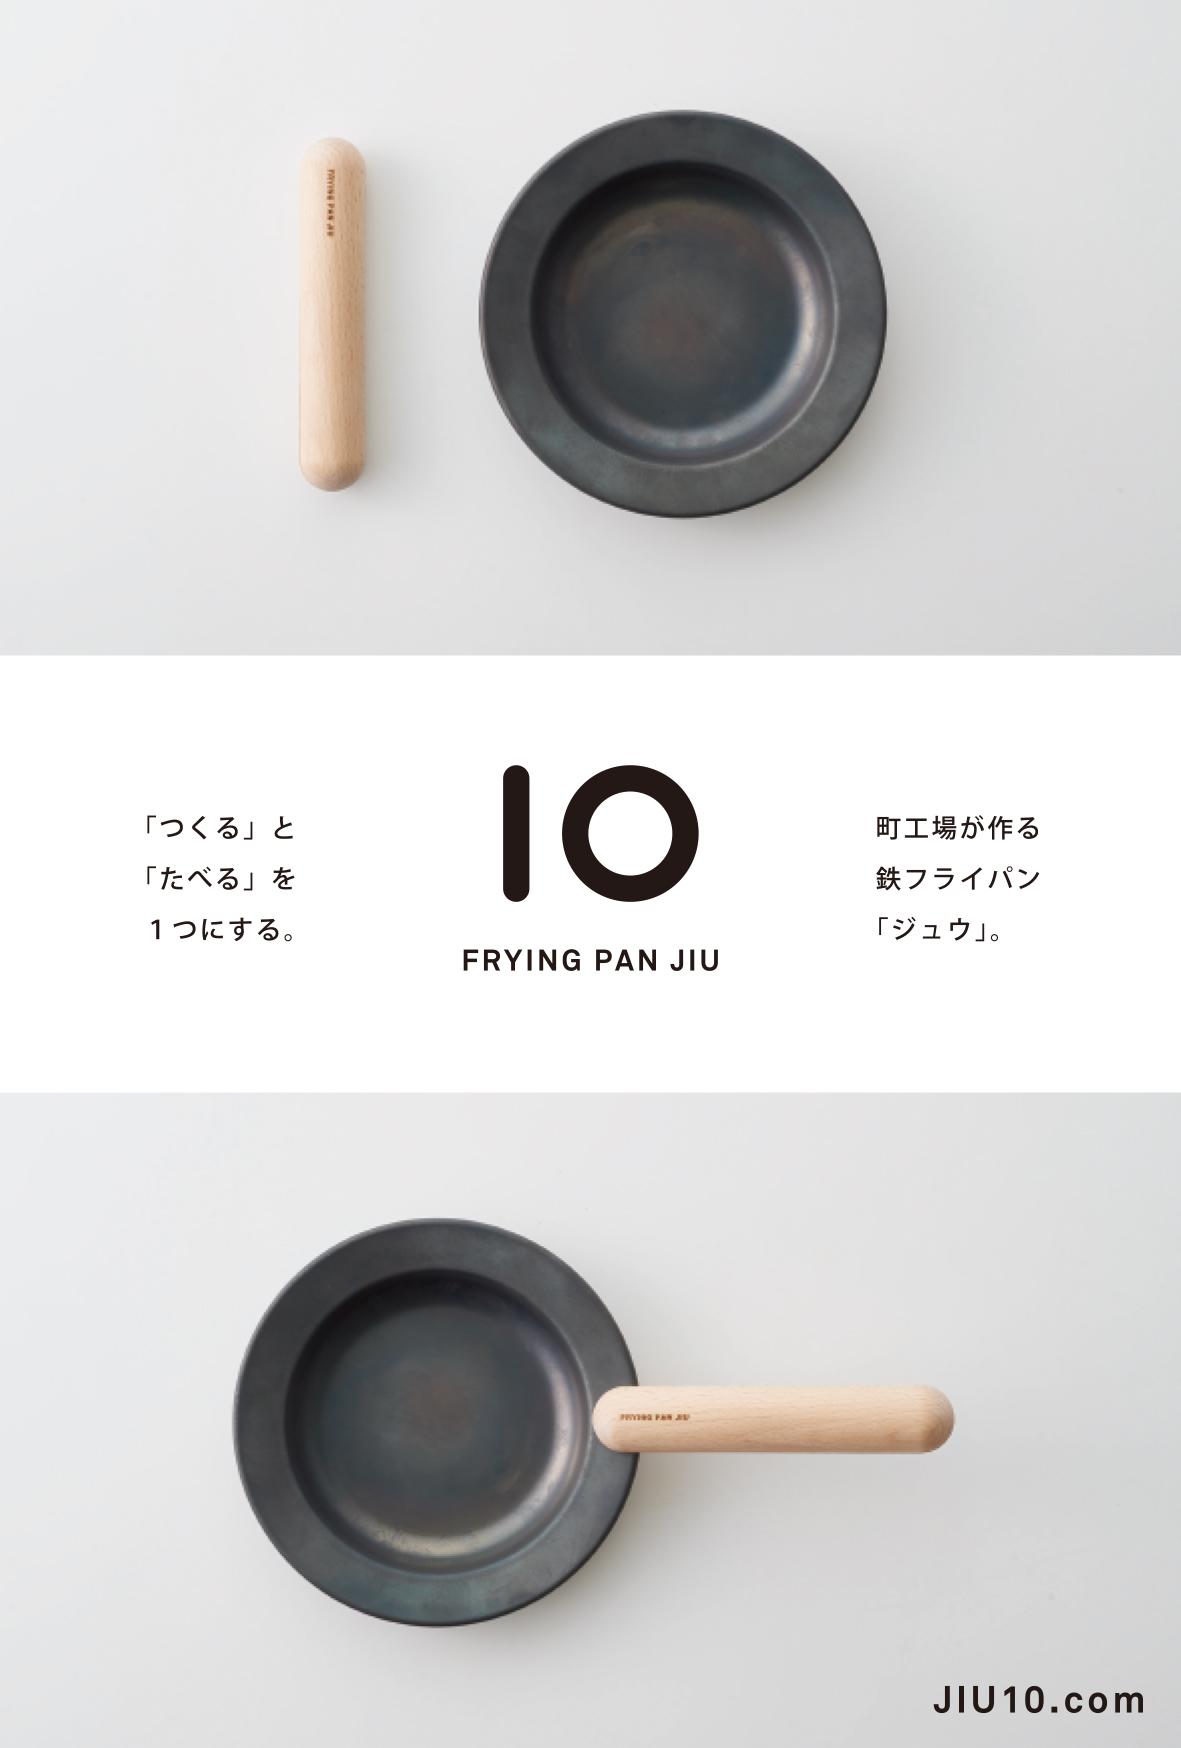 藤田金属商品画像3.jpg